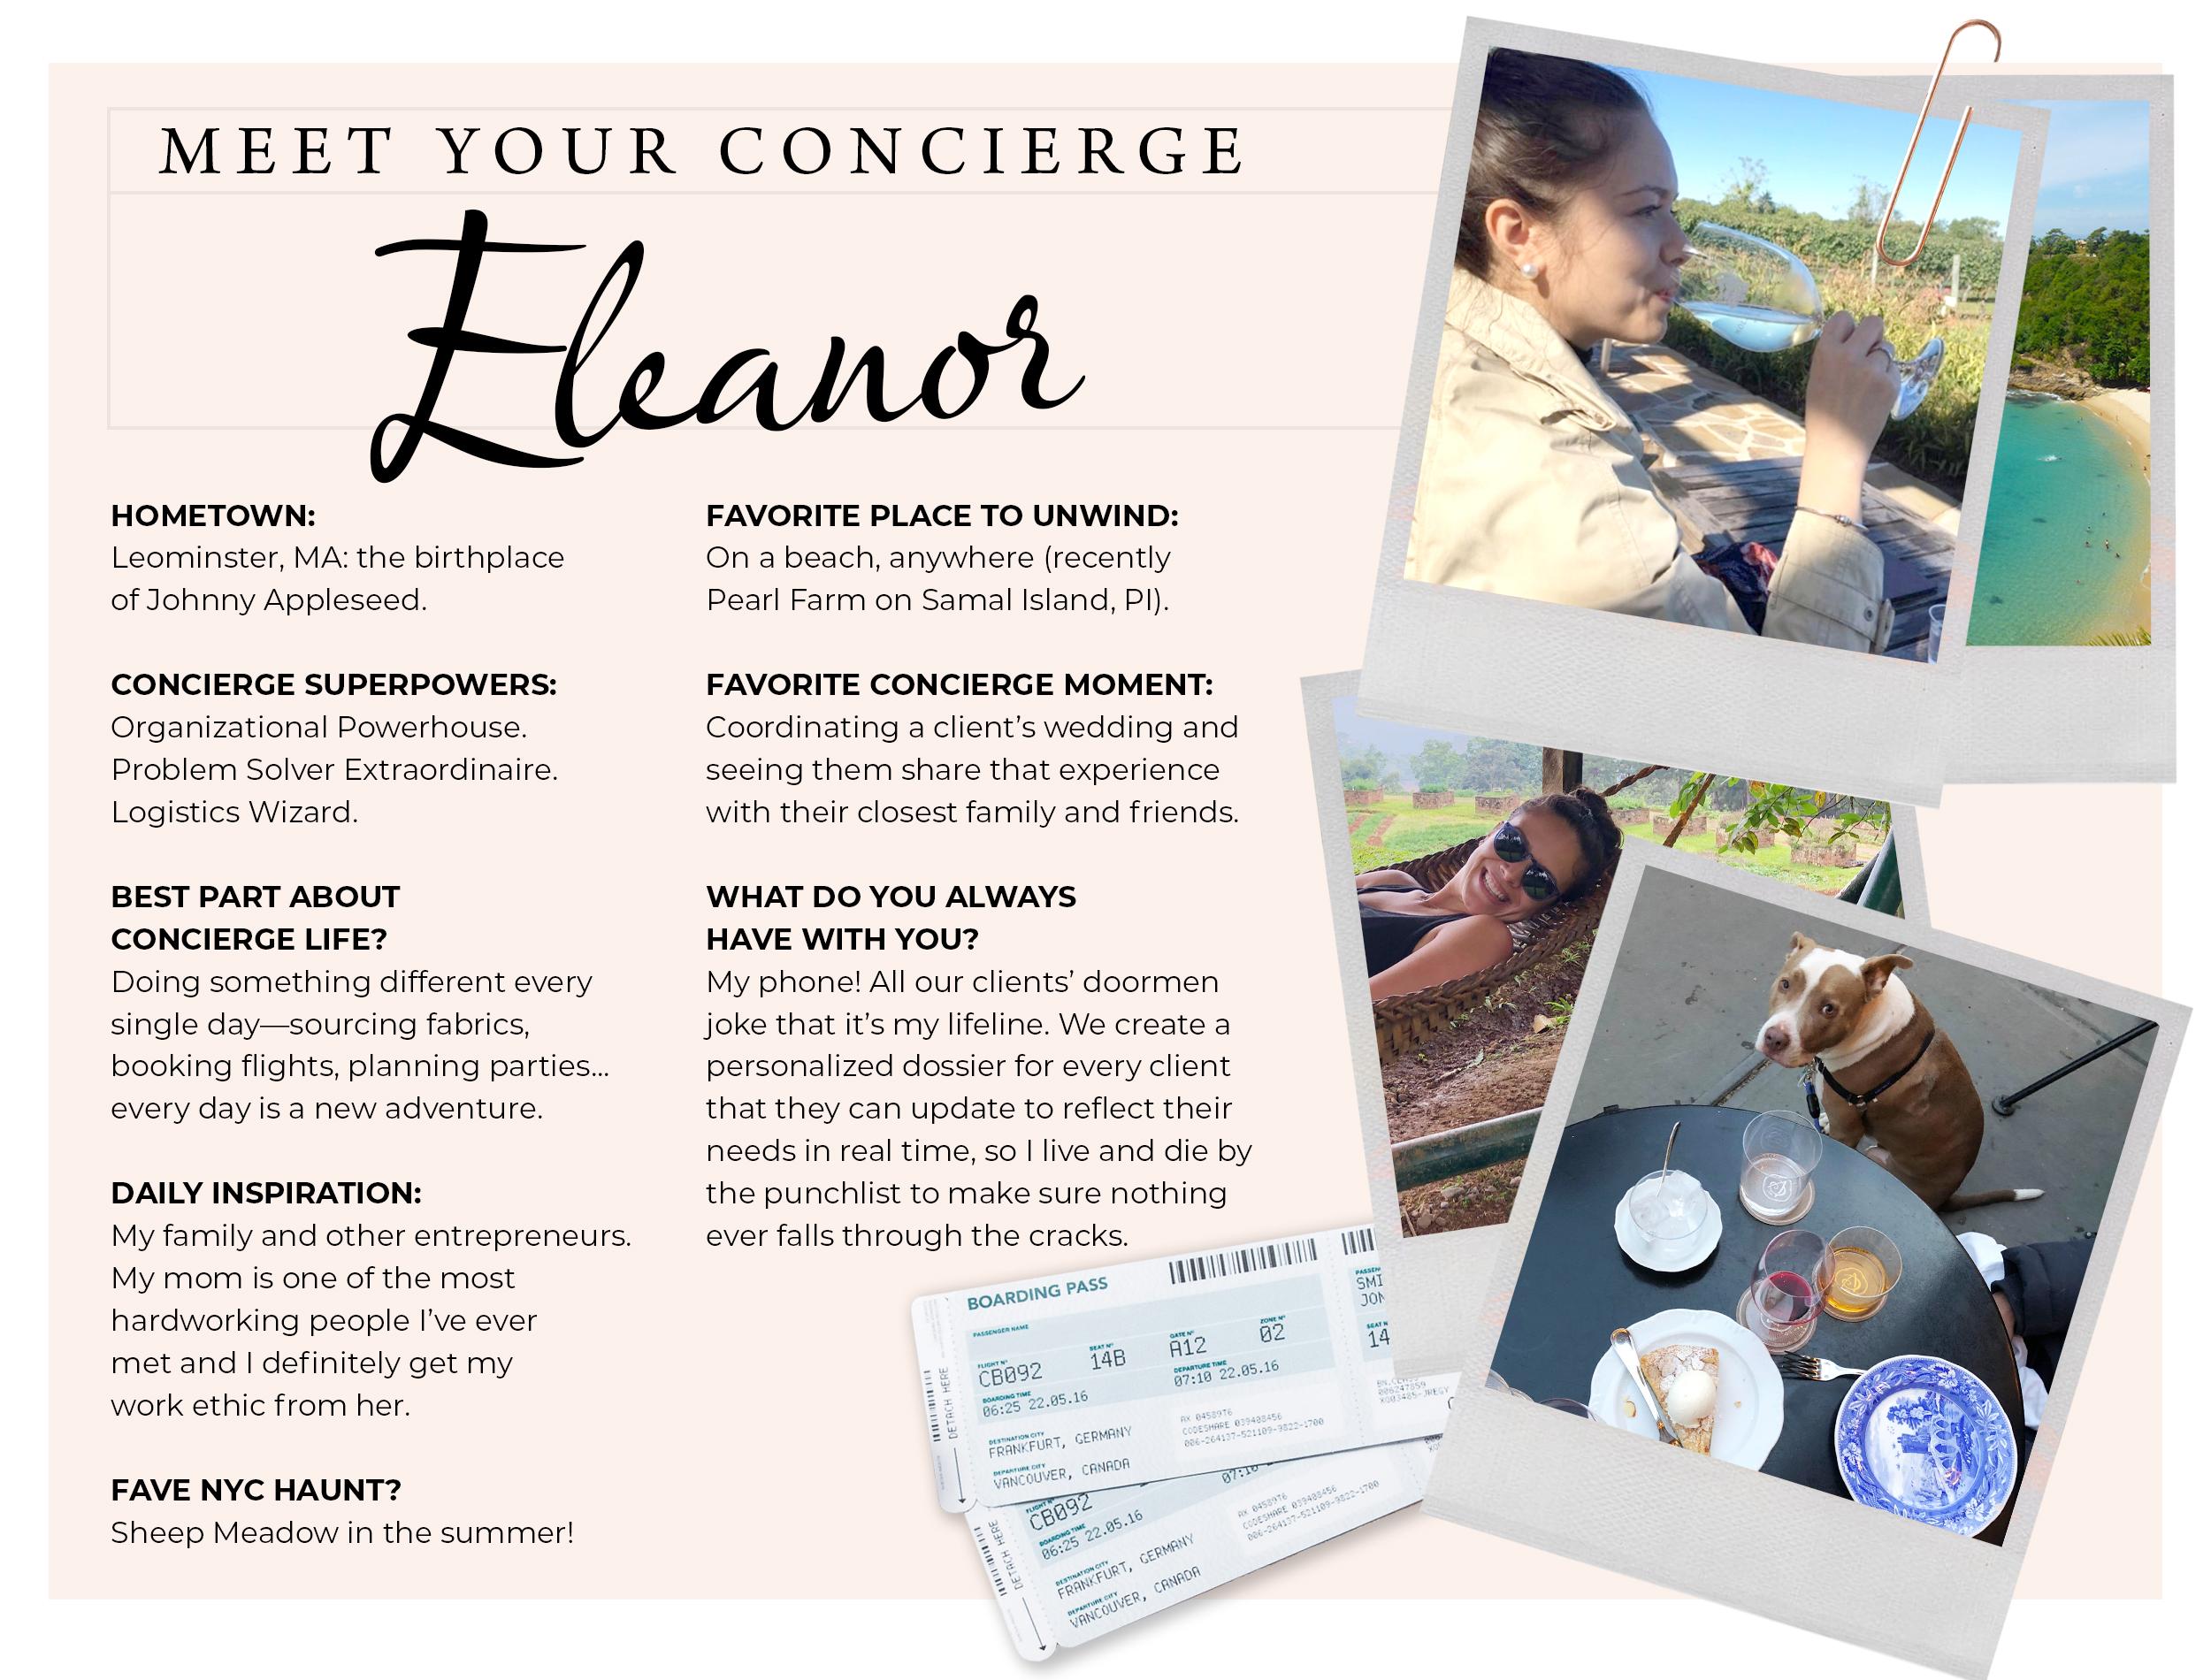 devivre_concierge_services_new_york_city_concierge_eleanor.jpg